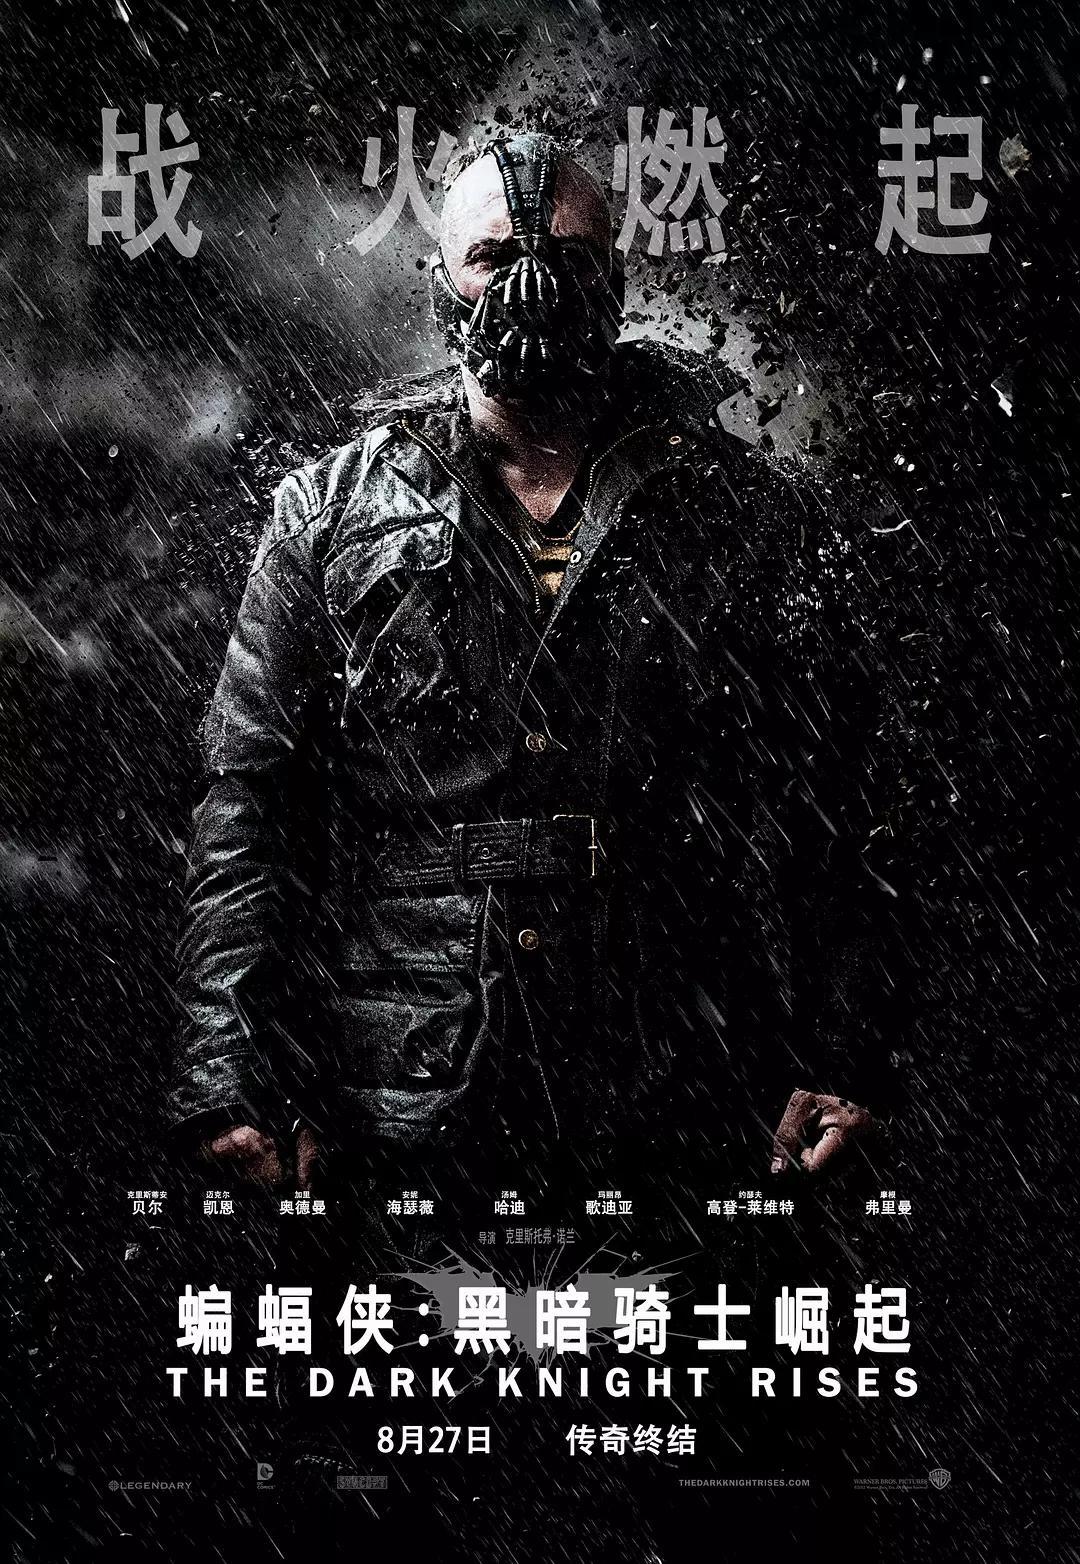 汤姆·哈迪《蝙蝠侠:黑暗骑士崛起》海报剧照图片